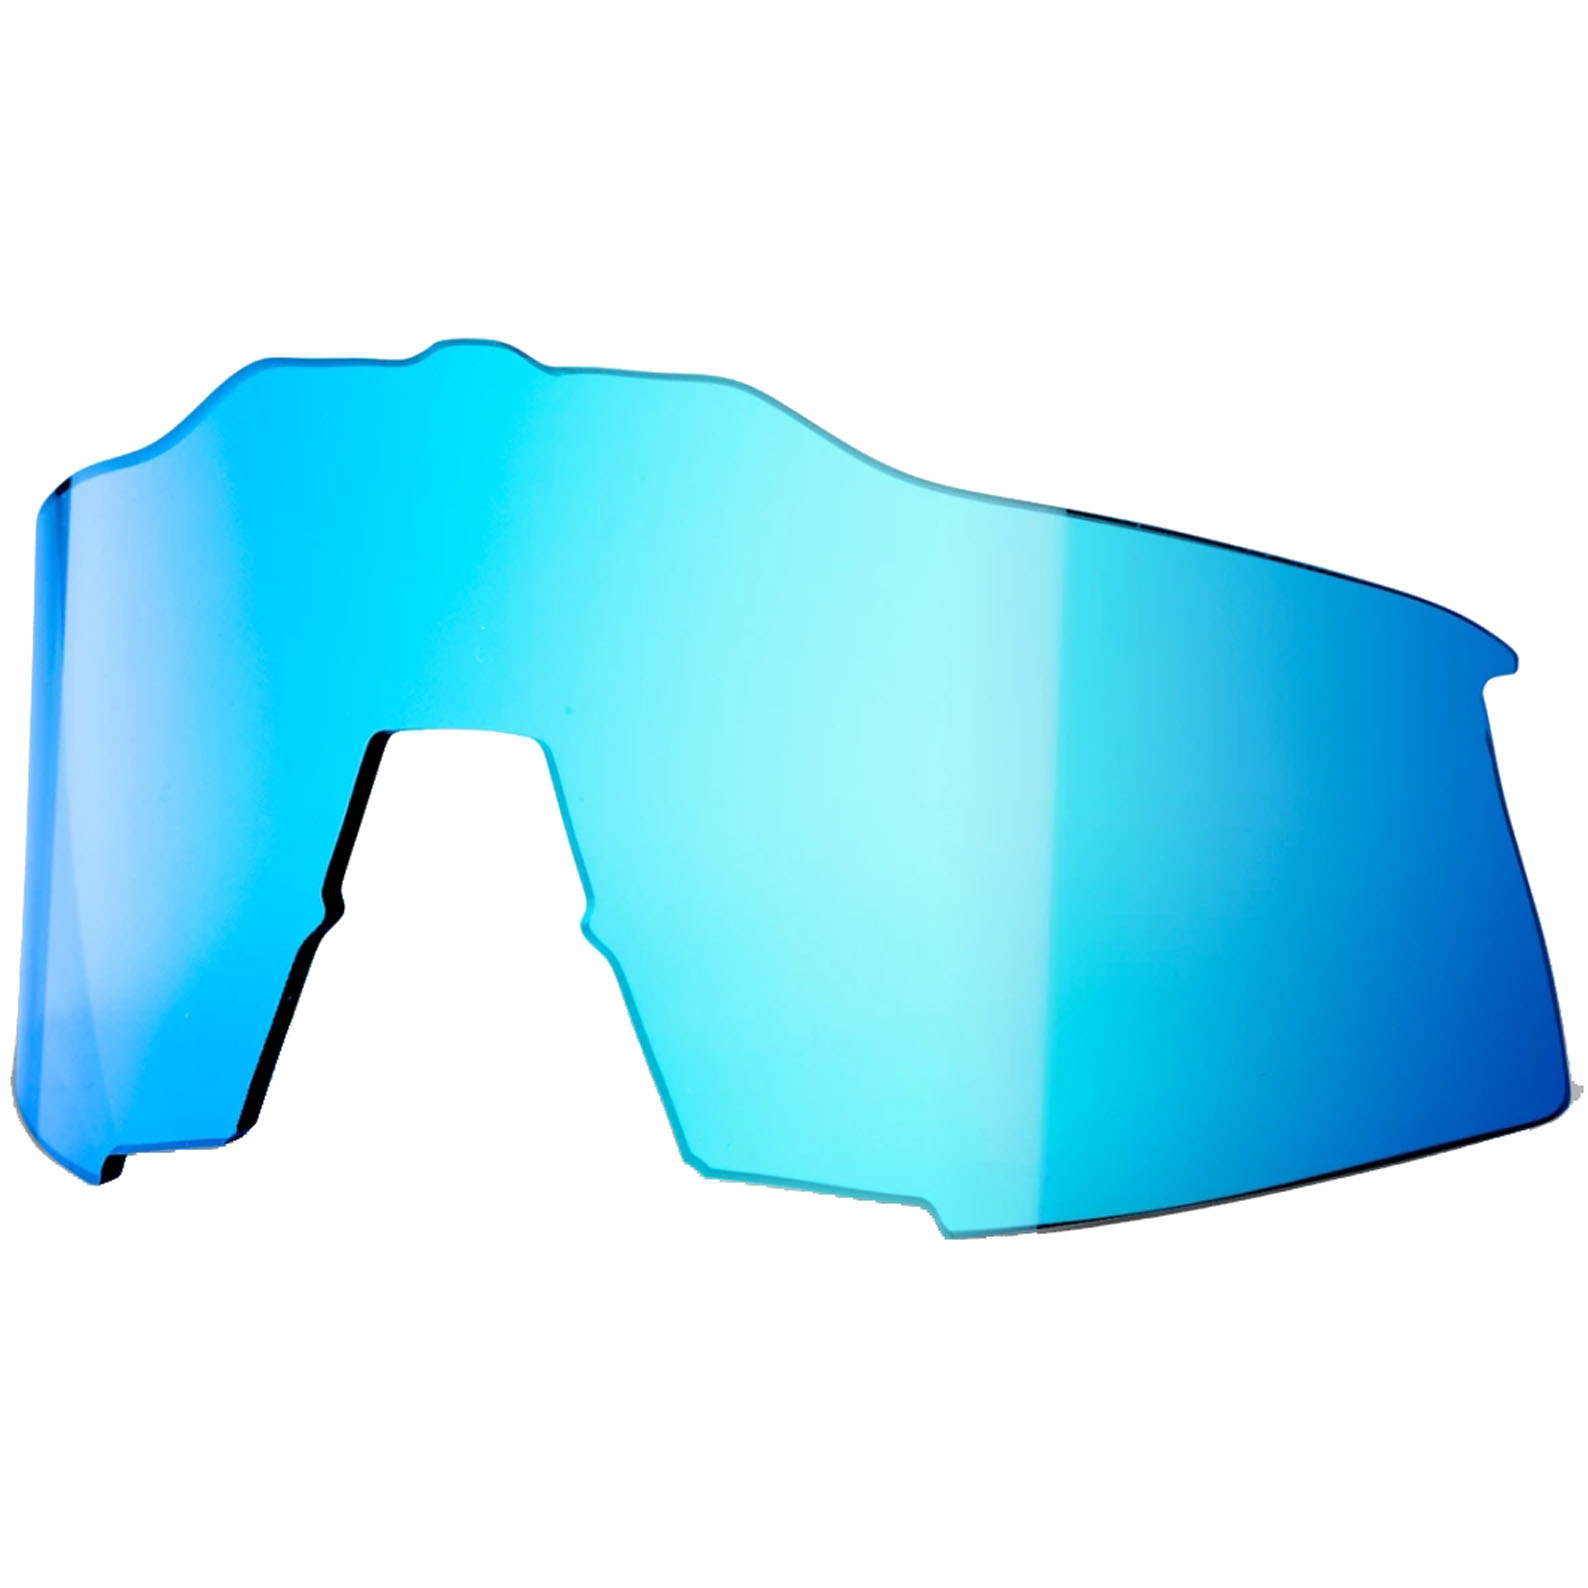 Imagen de 100% Speedcraft Tall Mirror Lente de repuesto - Blue Topaz Multilayer Mirror